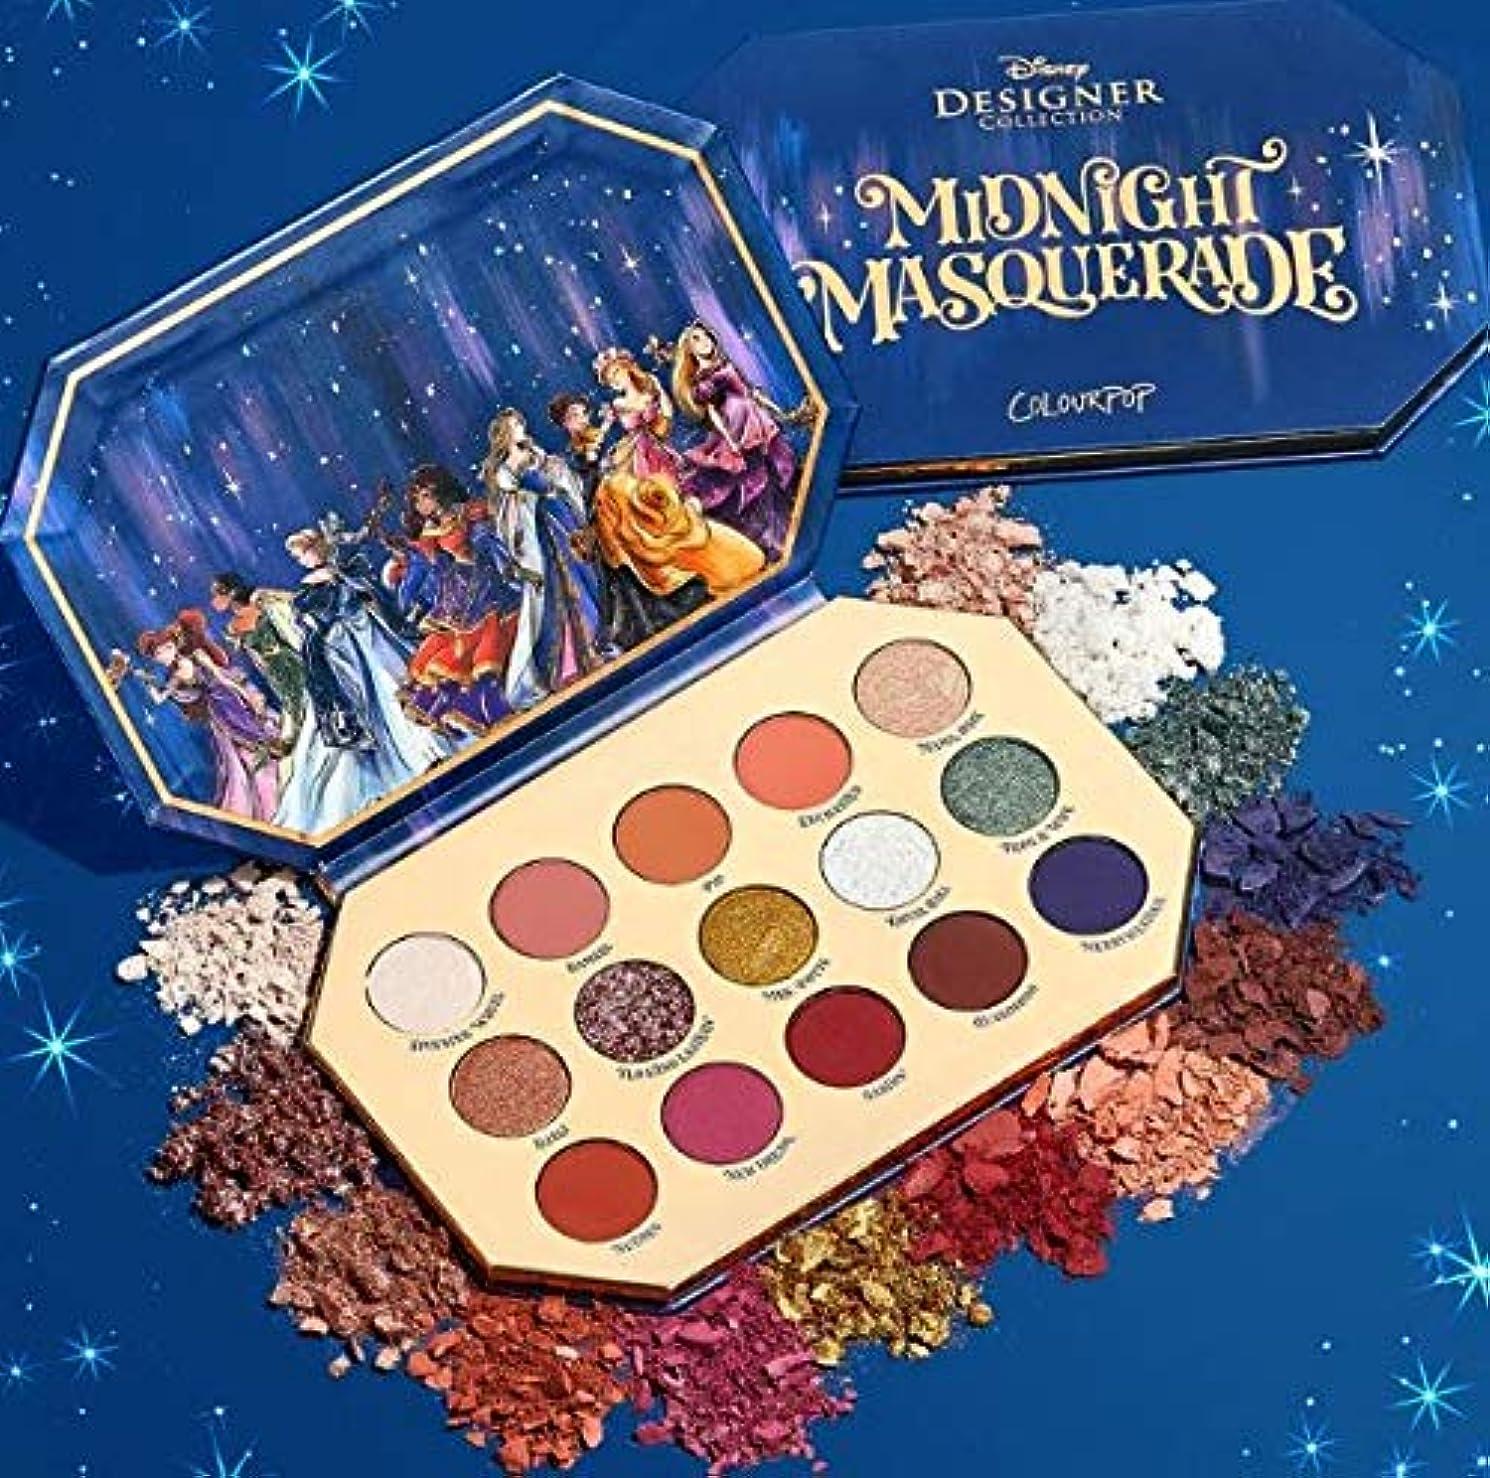 カップル花機会カラーポップ (ColourPop)midnight masquerade アイシャドウパレット ディスニーコラボ